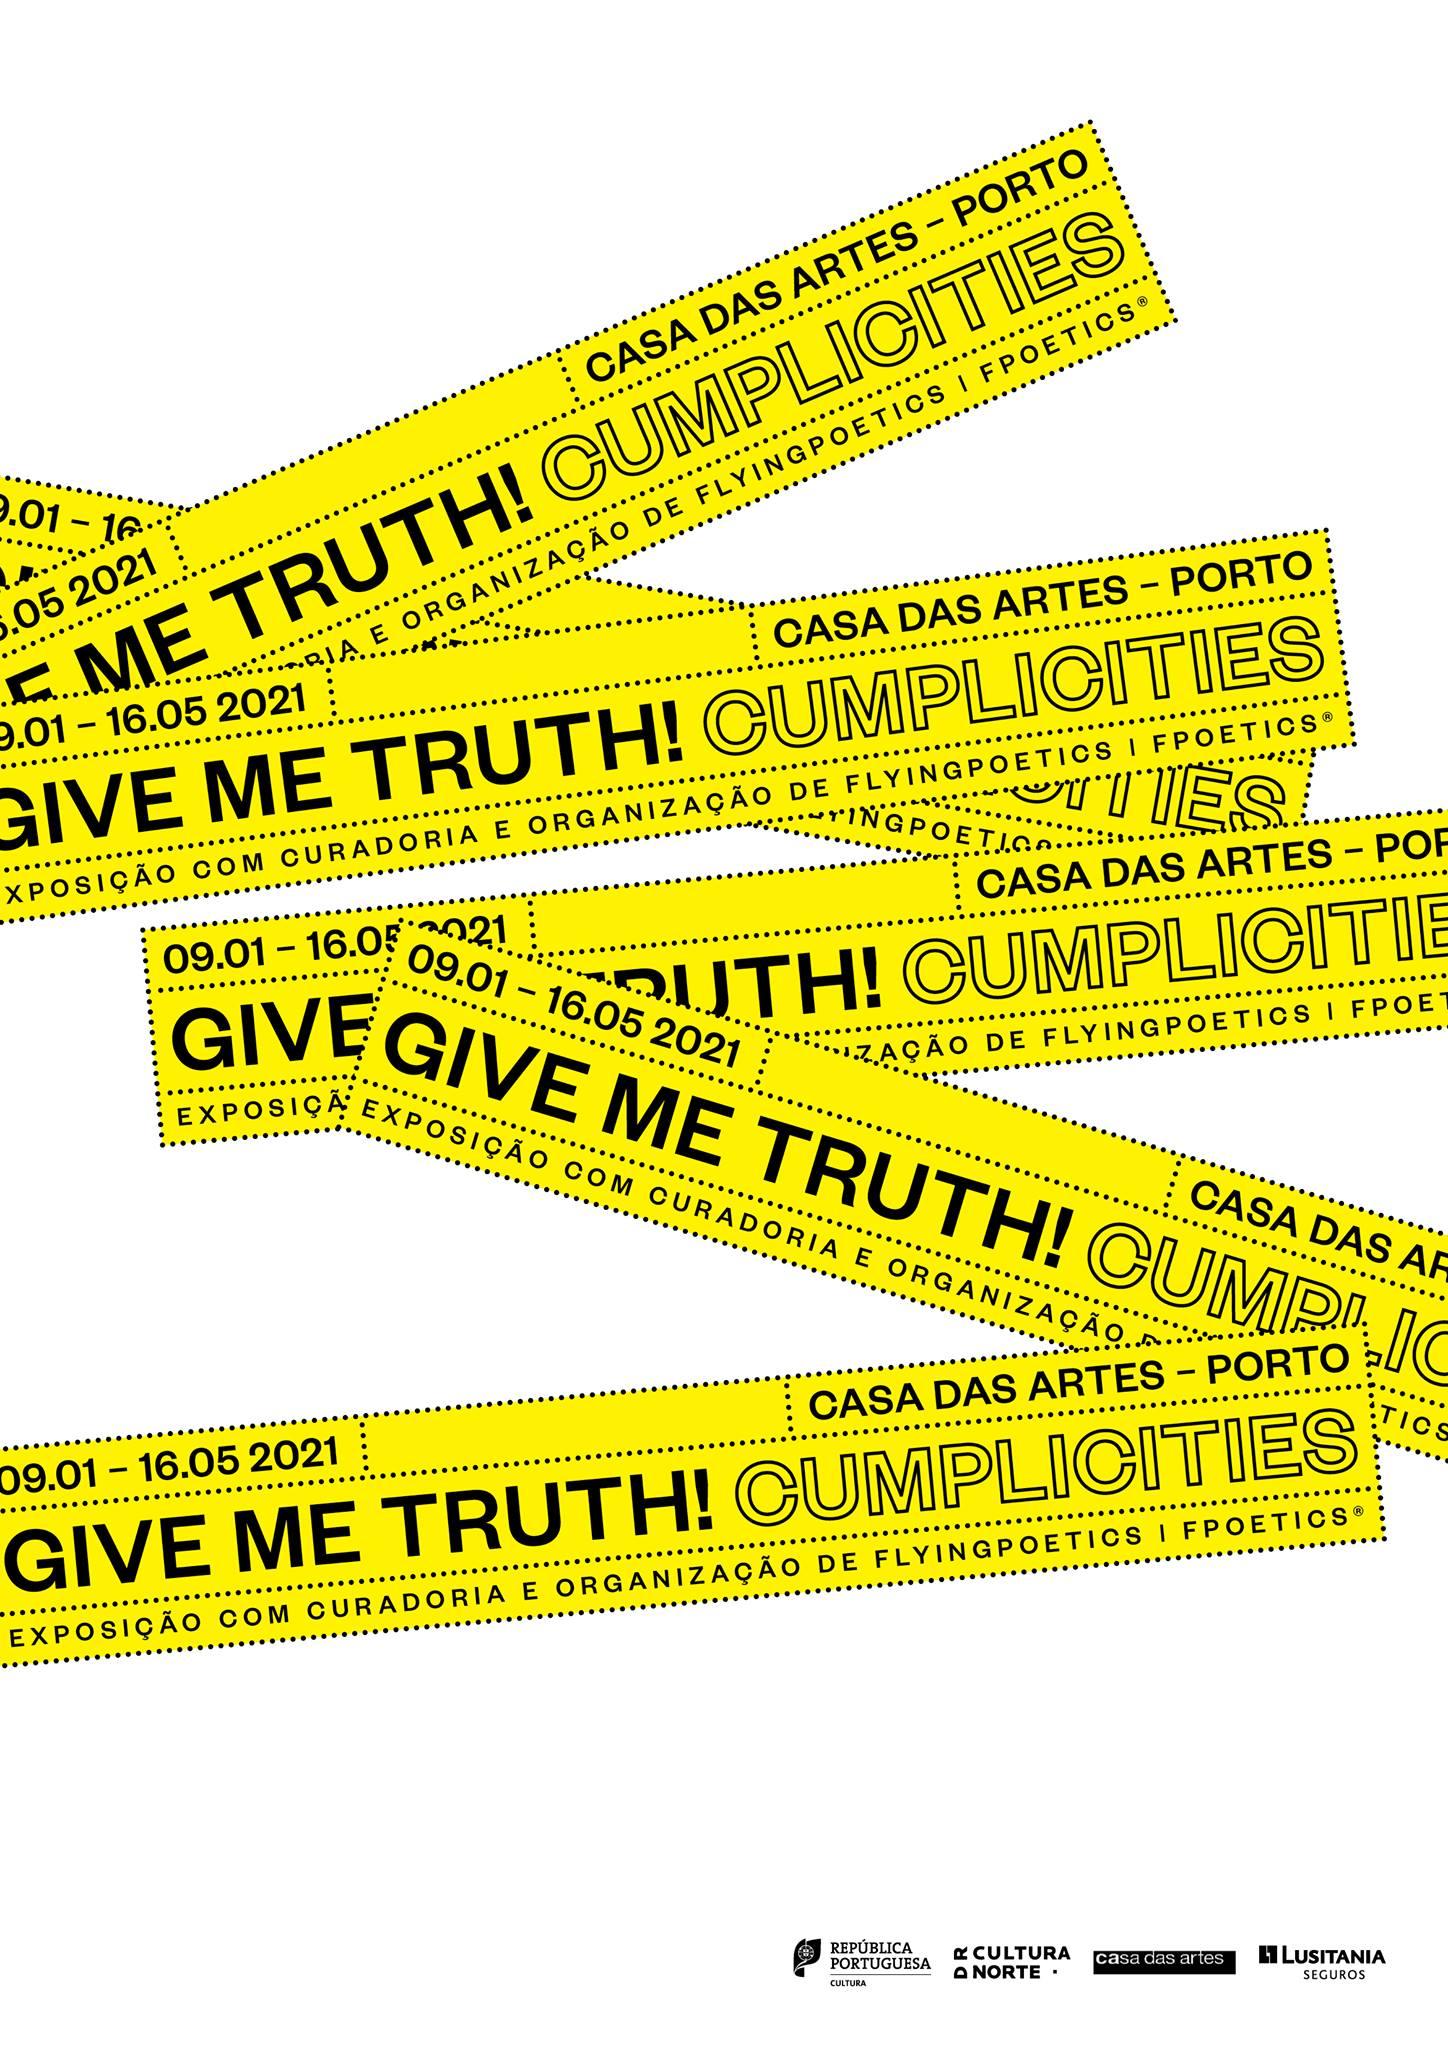 Visita comentada à exposição GIVE ME TRUTH! Cumplicities